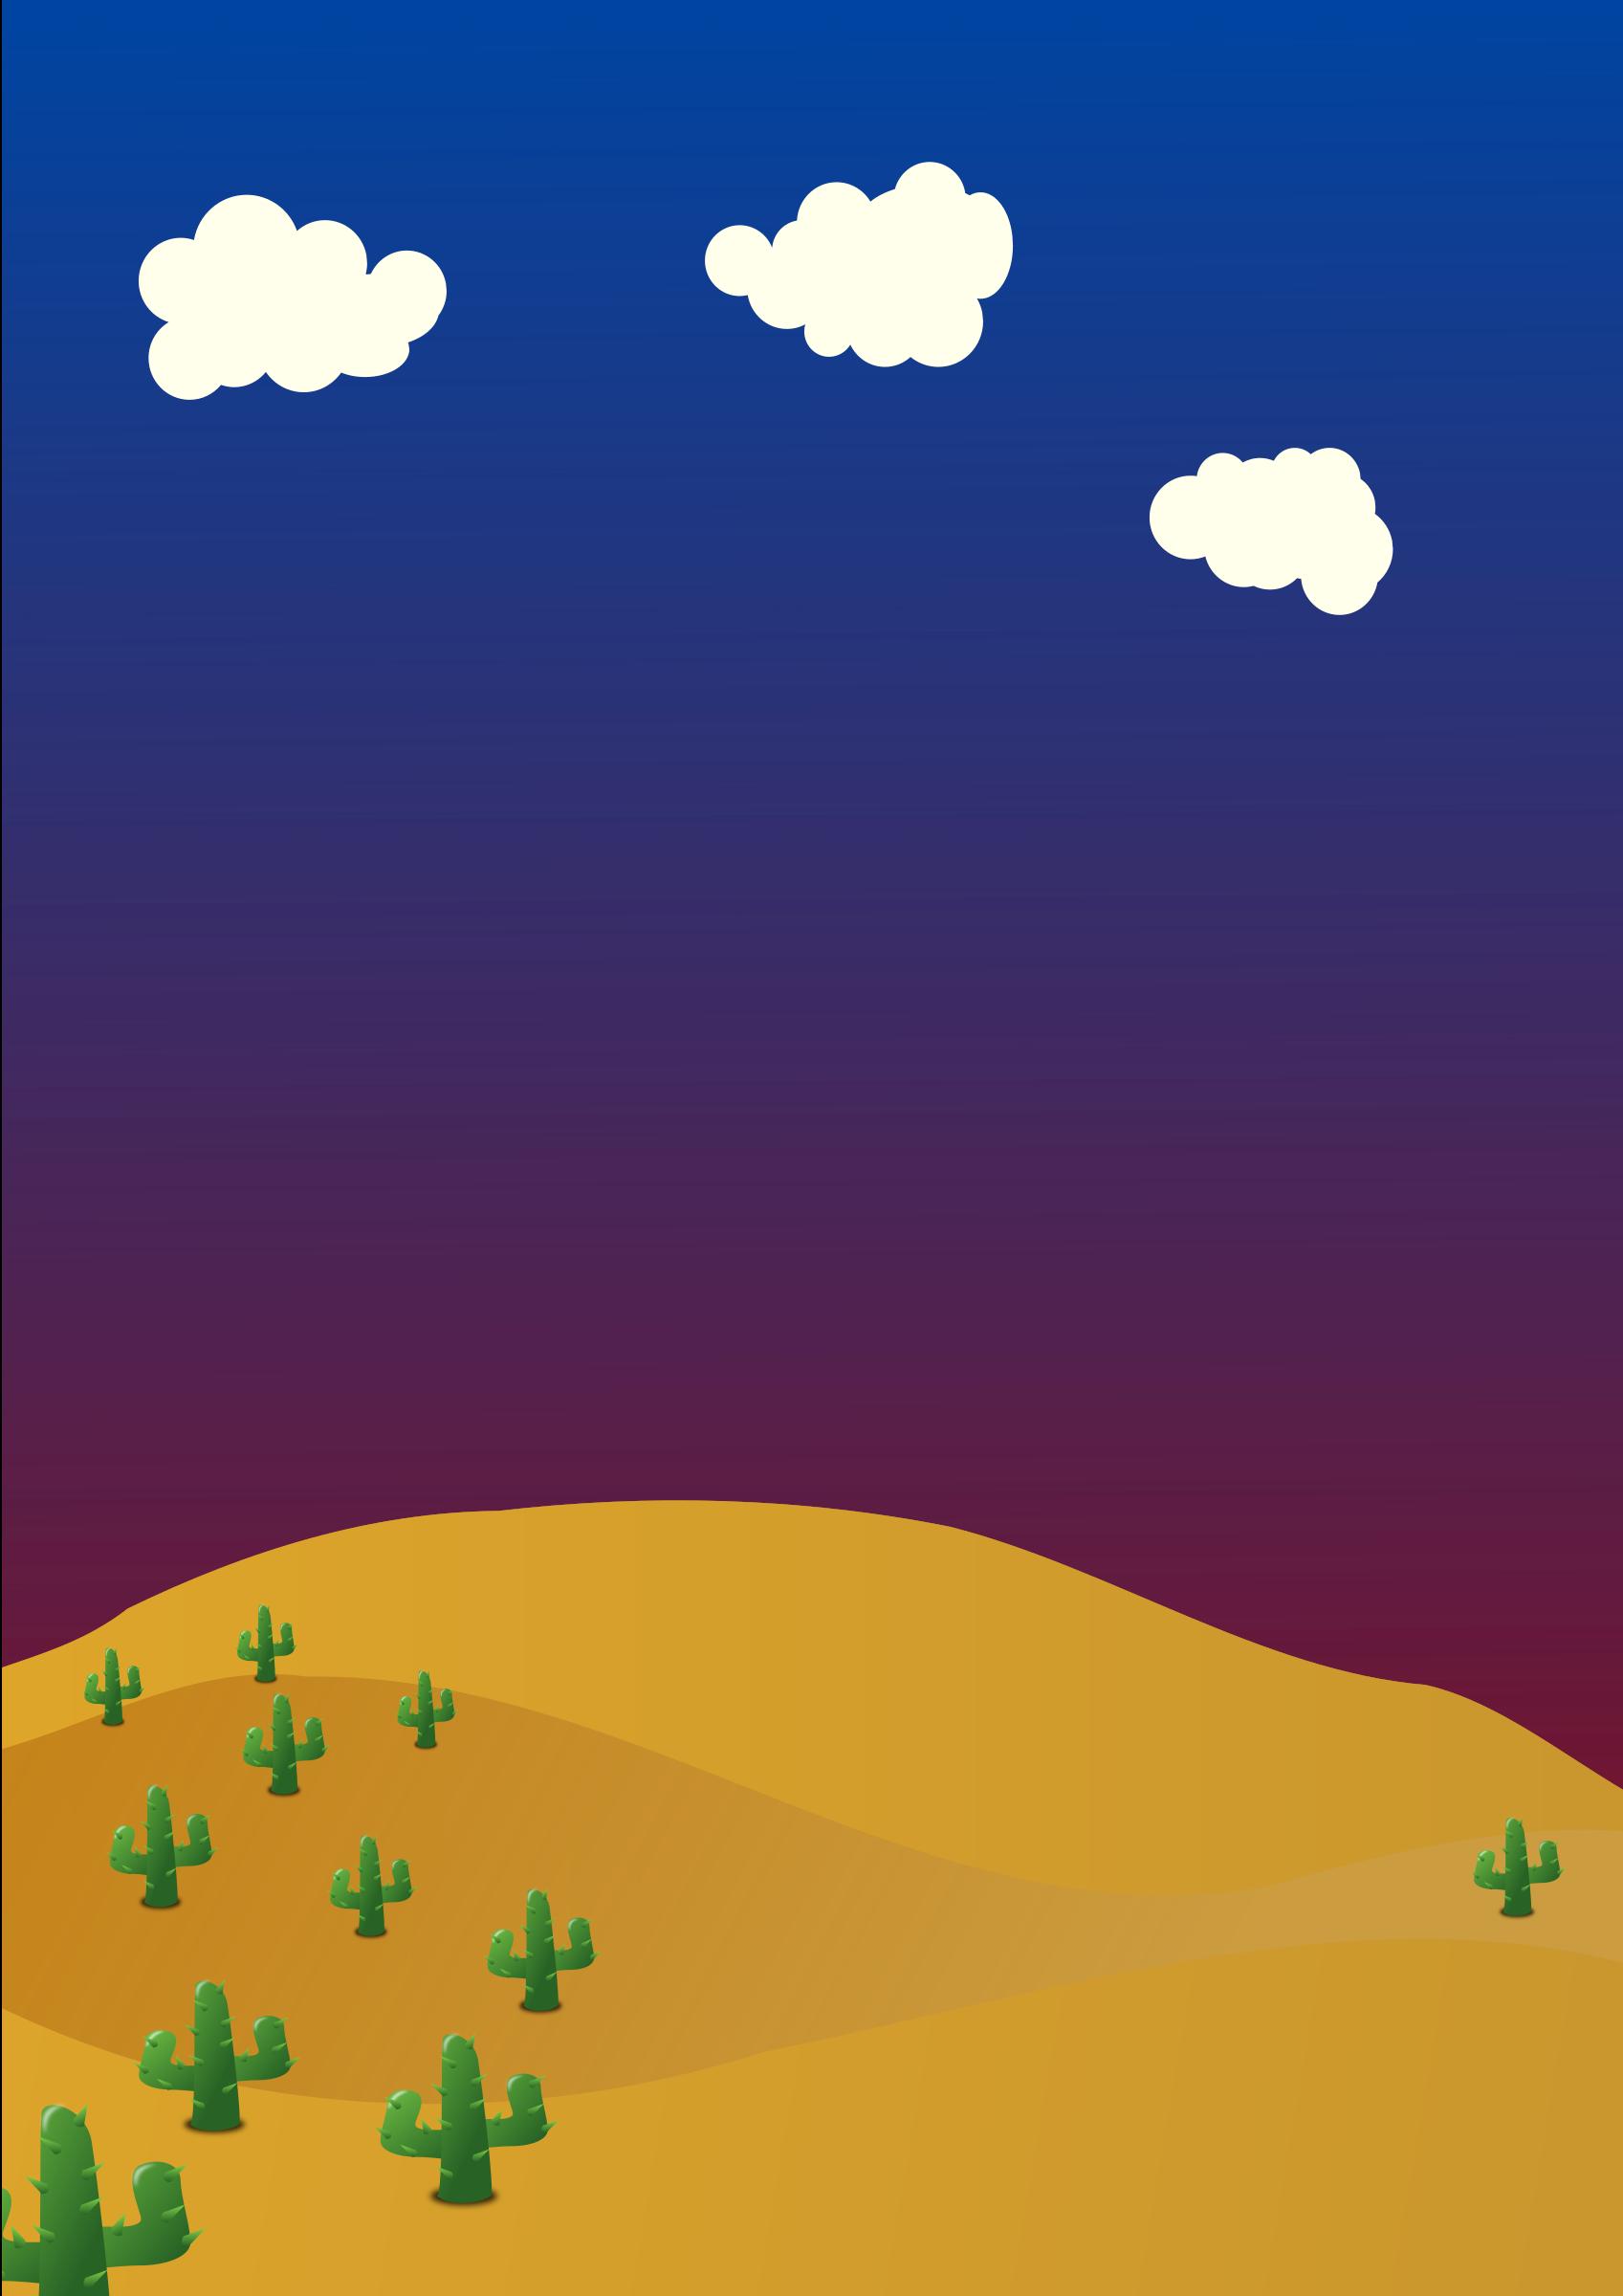 In The Desert clipart desert background Clipart background Desert background Desert